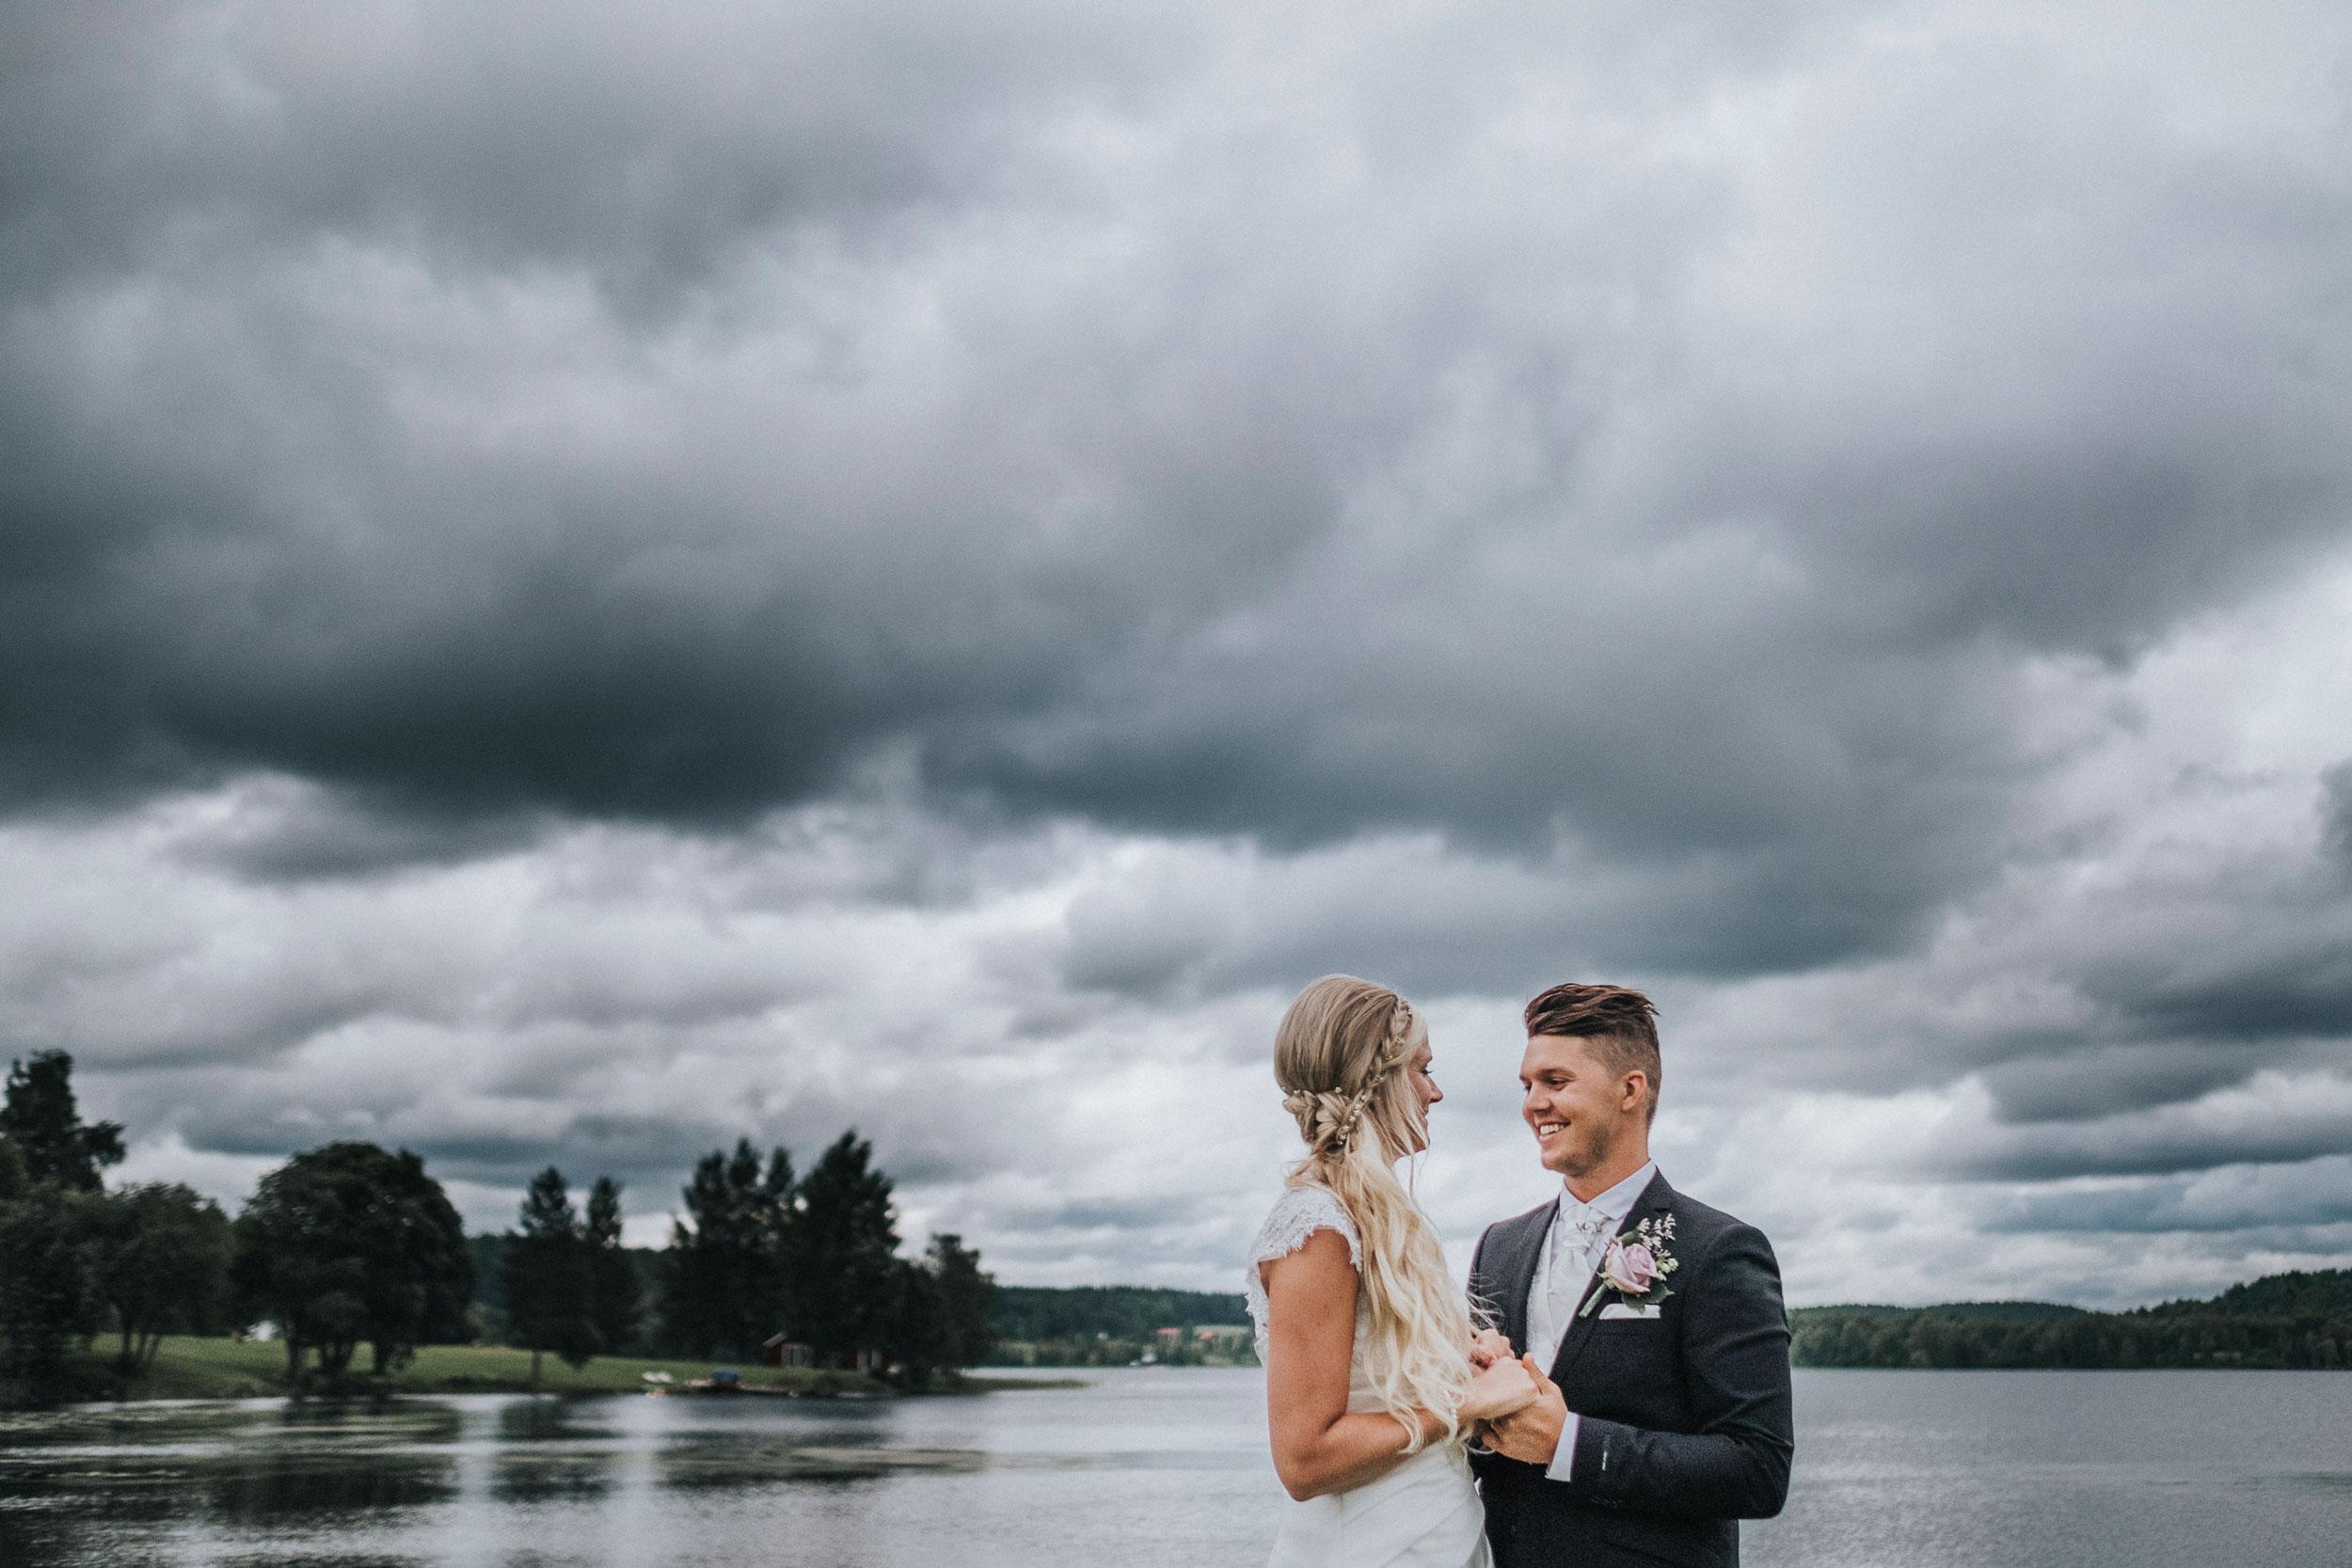 authentic, brudpar, bröllop, bröllopsfotograf, bröllopsfotografering, bröllopsfotografi, calm, connection, couples, johan, photographer, fotadig.nu, fotograf, fotografering, full day coverage, glad, glädje, glädjefyllt, heldag, jonas burman, joyful, känslor, lugn, camilla, camilla and johan, camilla och johan, moment design, photography, tavelsjö, tavelsjö kapell, sommar, sverige, sweden, umeå, västerbotten, wedding, wedding photographer, wedding photography, ärligt